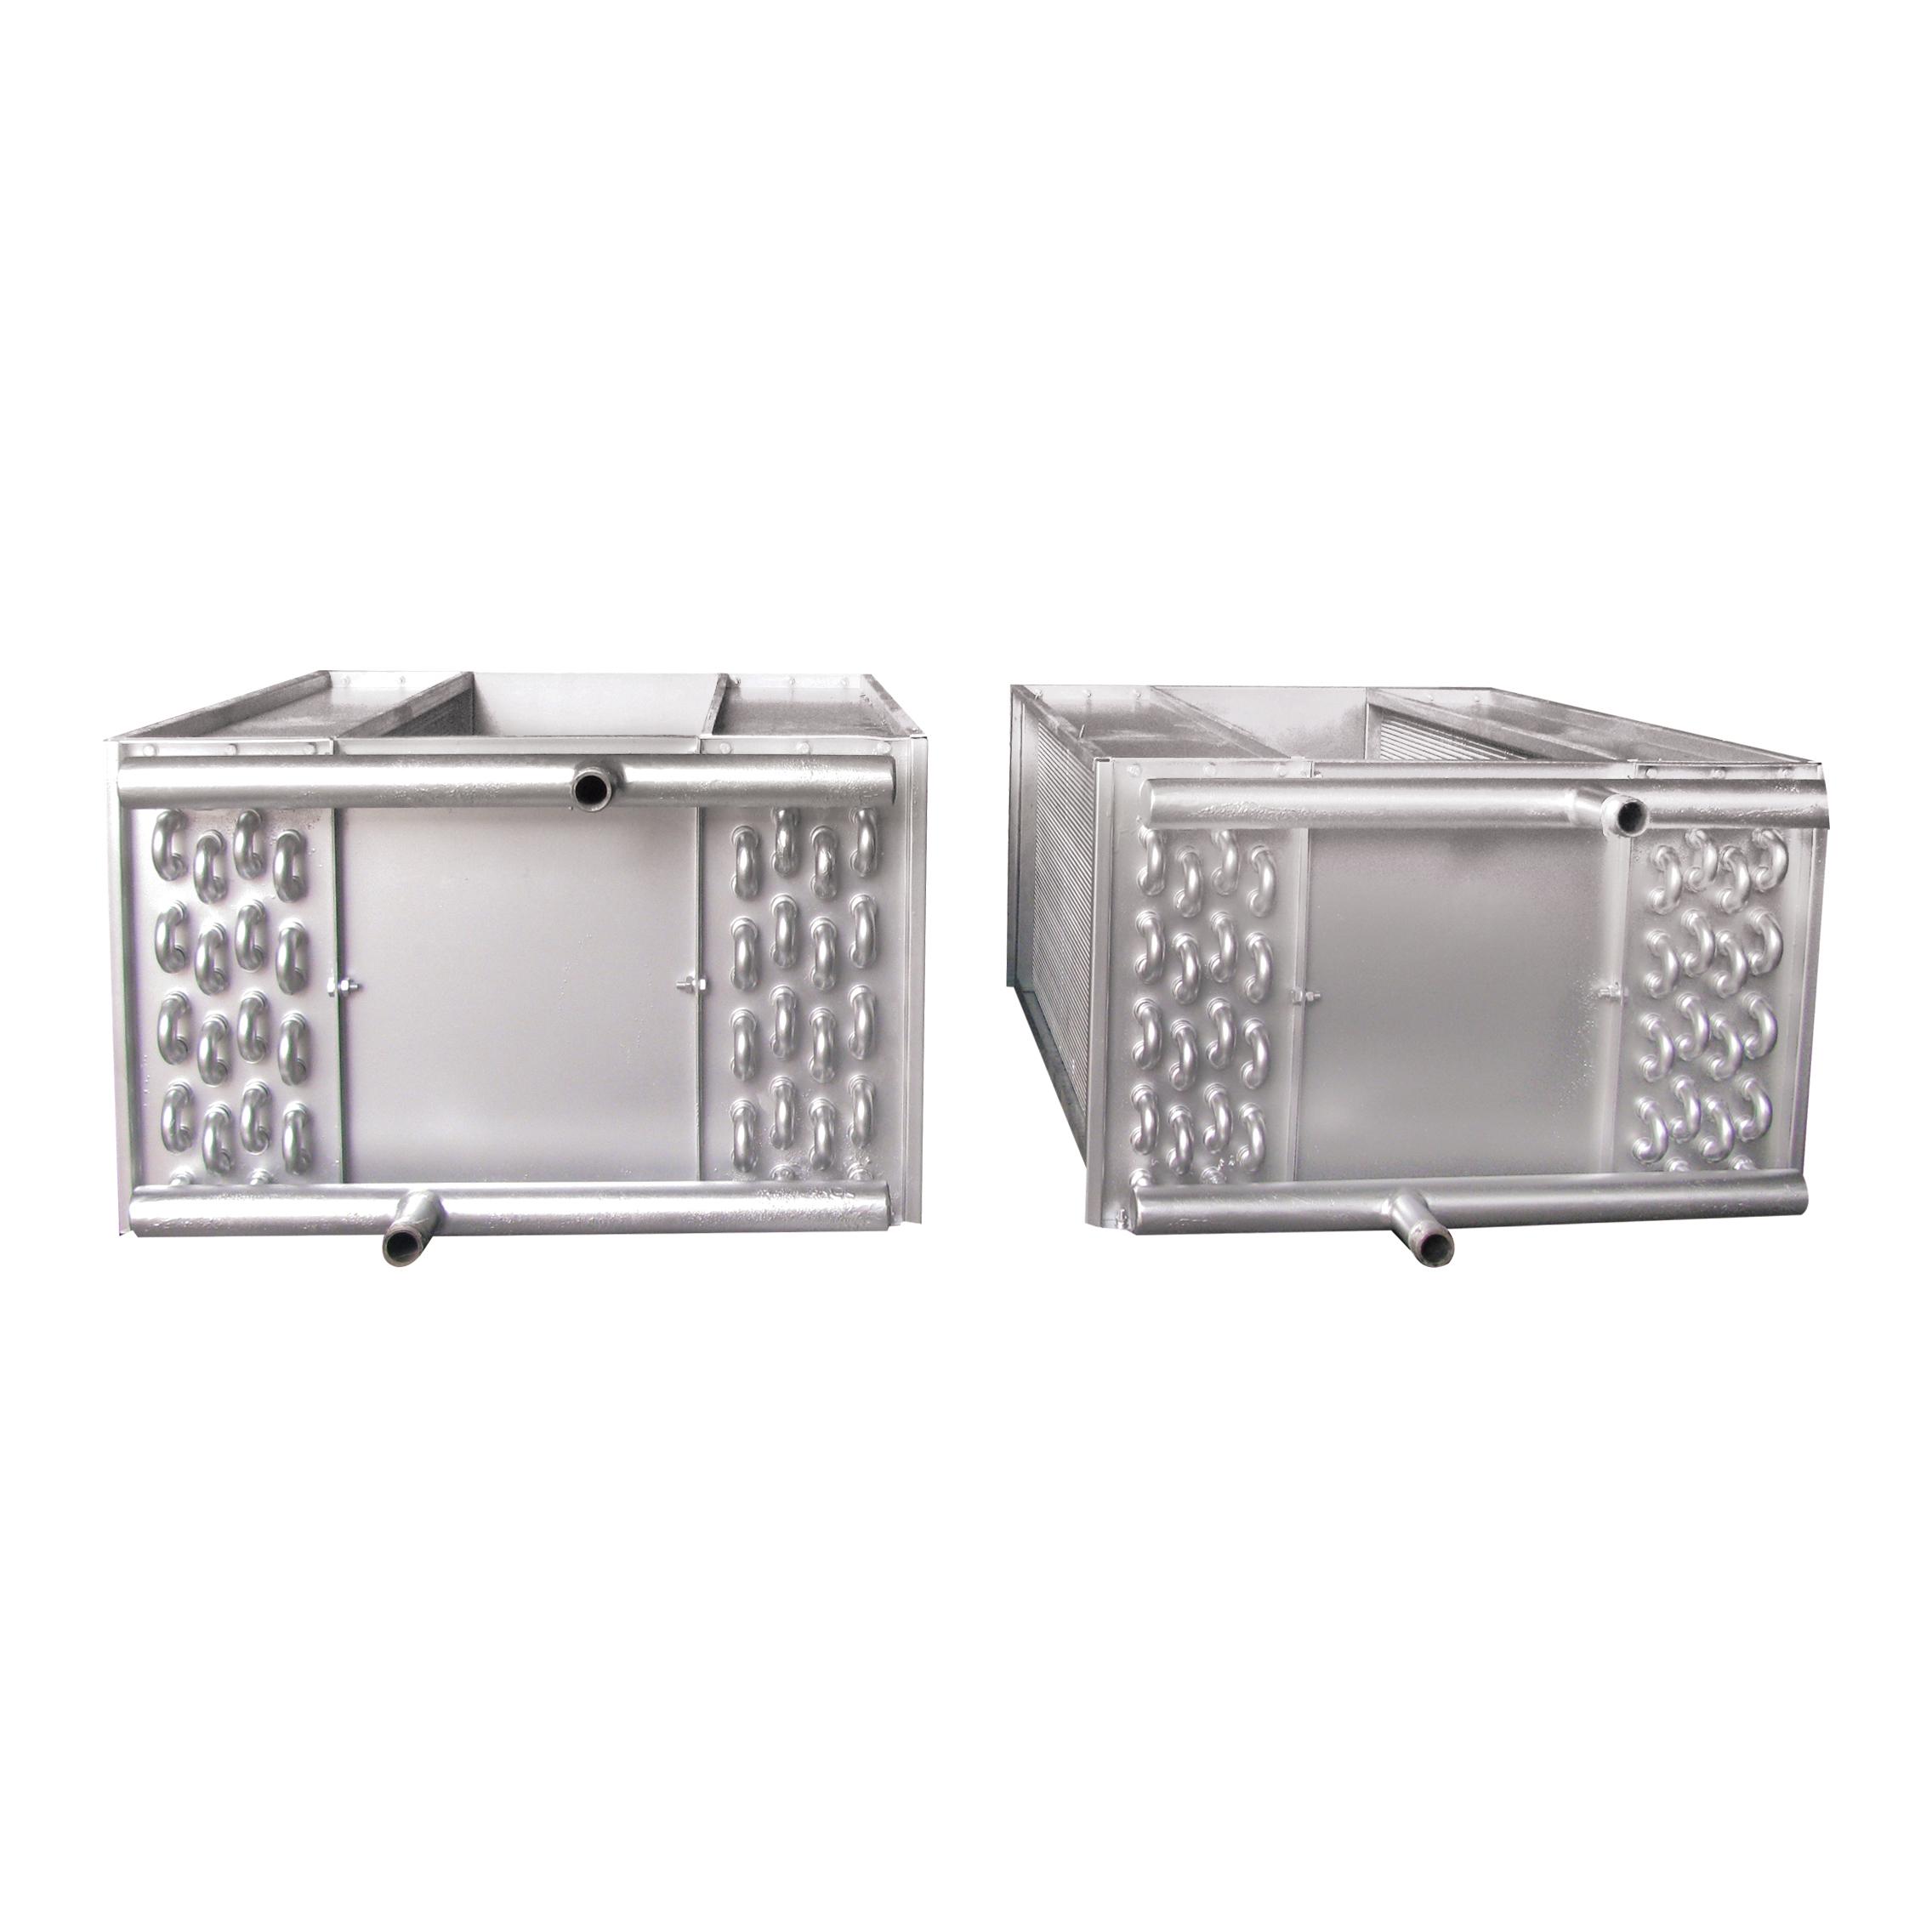 洗滌烘干熱交換器